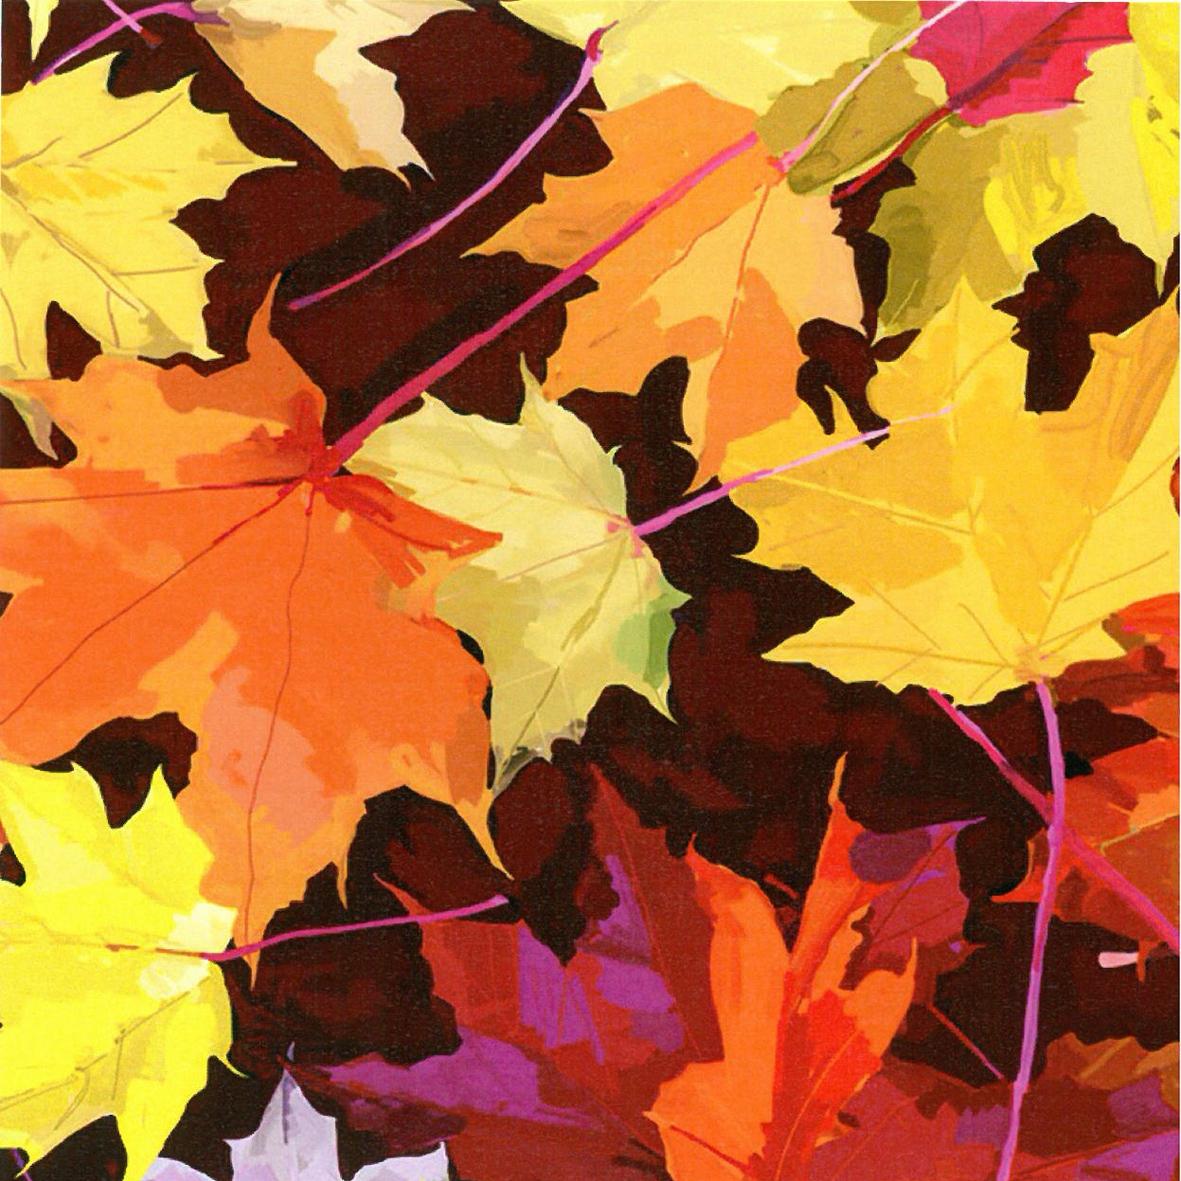 Lunch Servietten Martha´s Leaves,  Herbst - Blätter / Laub,  Herbst,  lunchservietten,  Laub